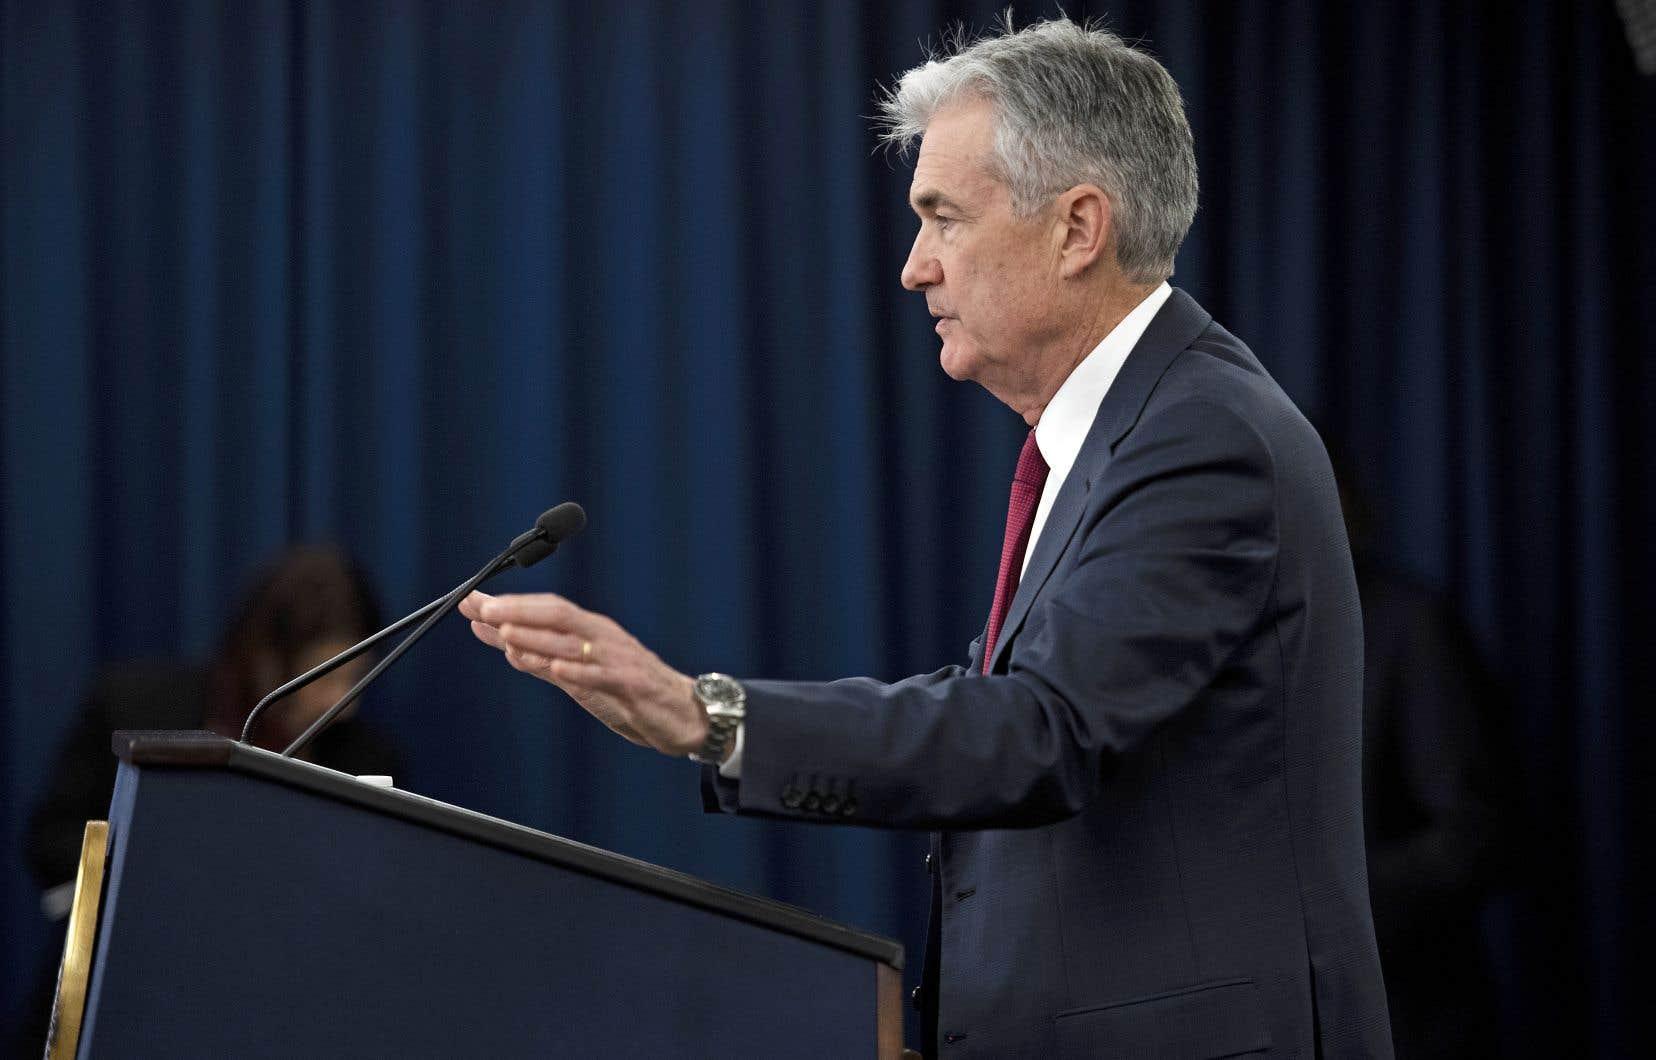 JeromePowell a affirmé vendredi que face à l'inflation modeste et aux «inquiétudes» des marchés vis-à-vis d'un ralentissement économique, la Fed serait «patiente» en surveillant «comment l'économie évolue».